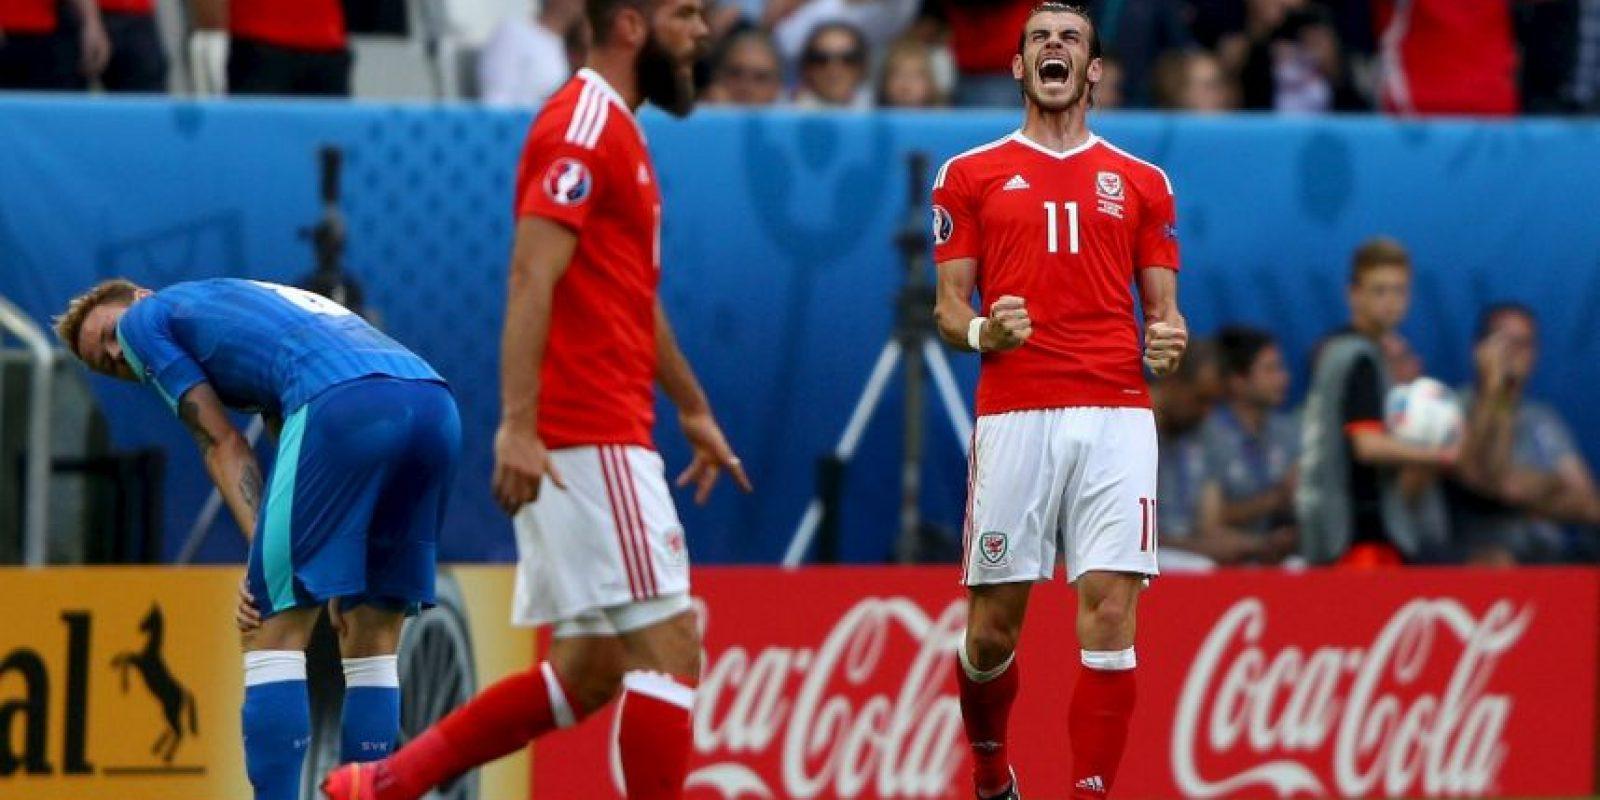 Los galeses comenzaron con el pie derecho y ganaron en la primera fecha gracias a un gol de Gareth Bale Foto:Getty Images